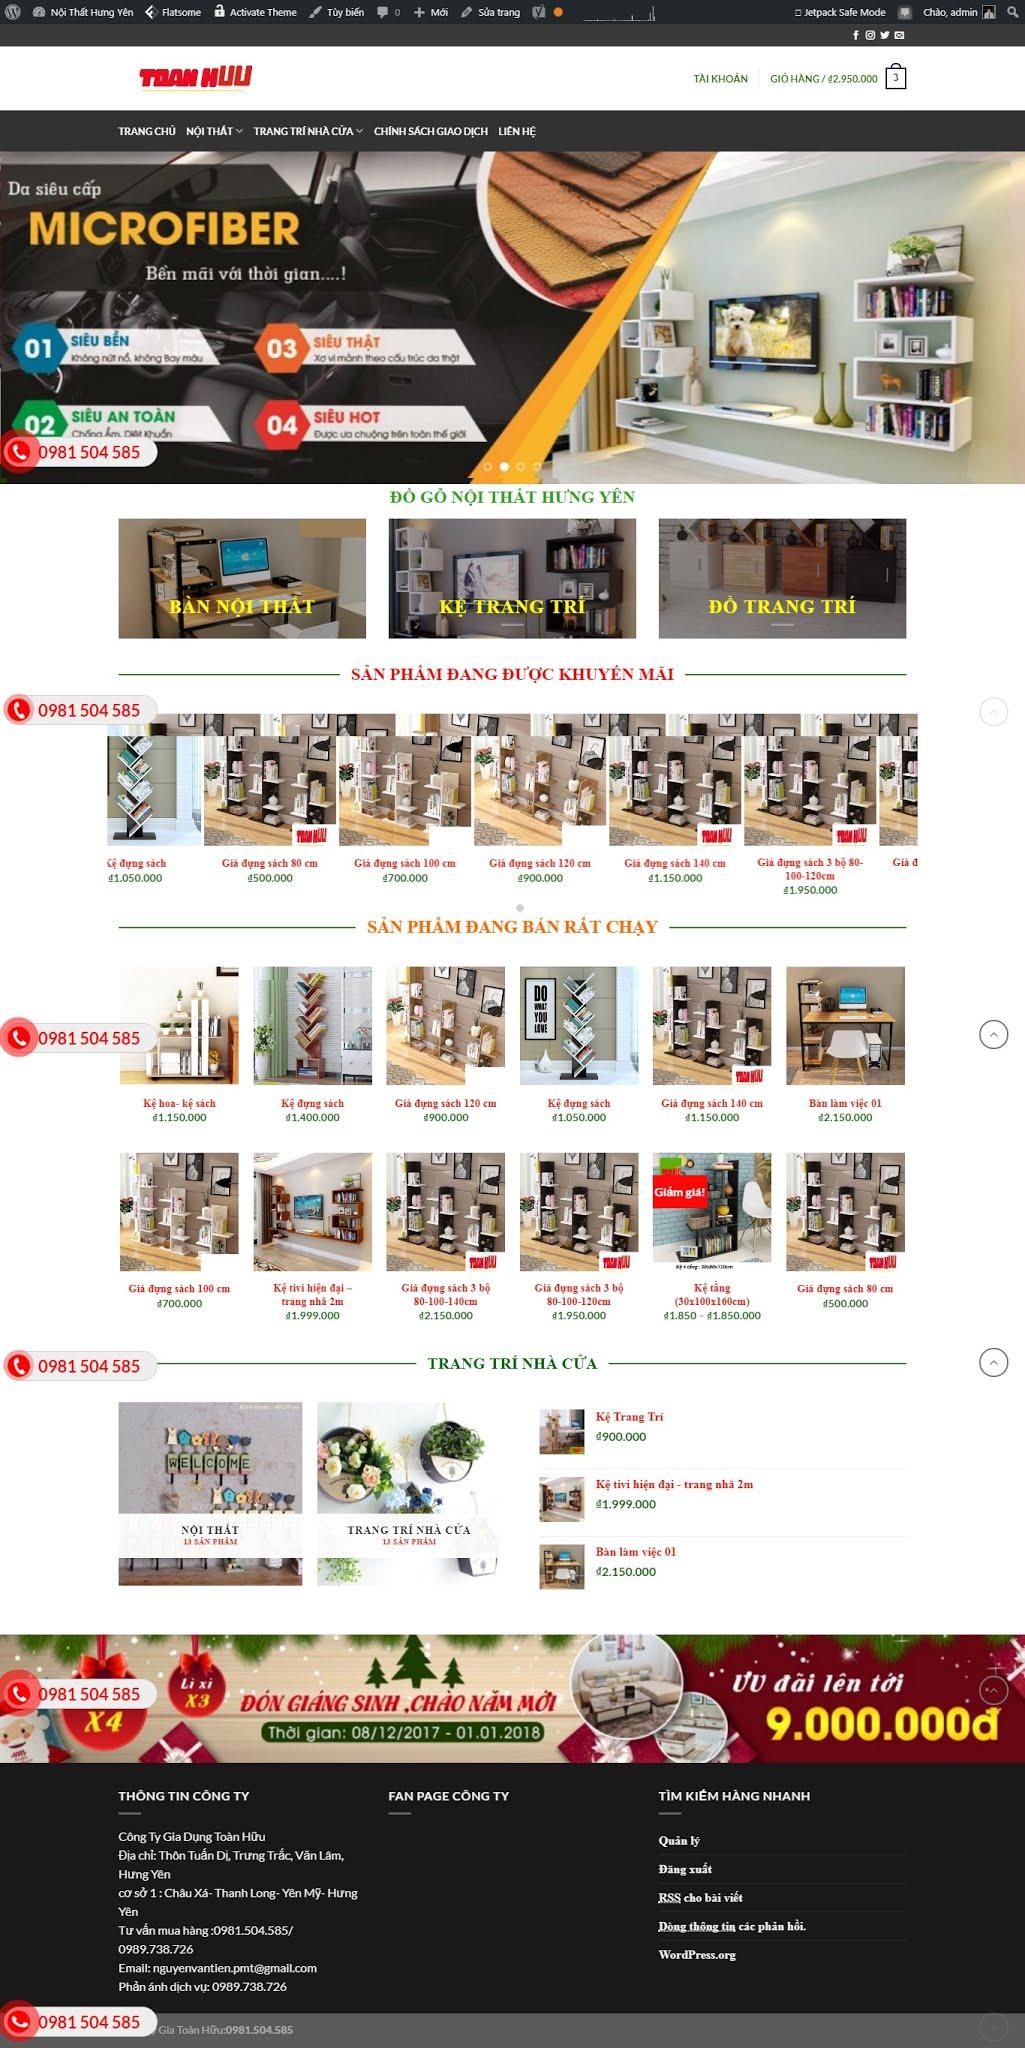 BÁN HÀNG 092 - shop nội thất